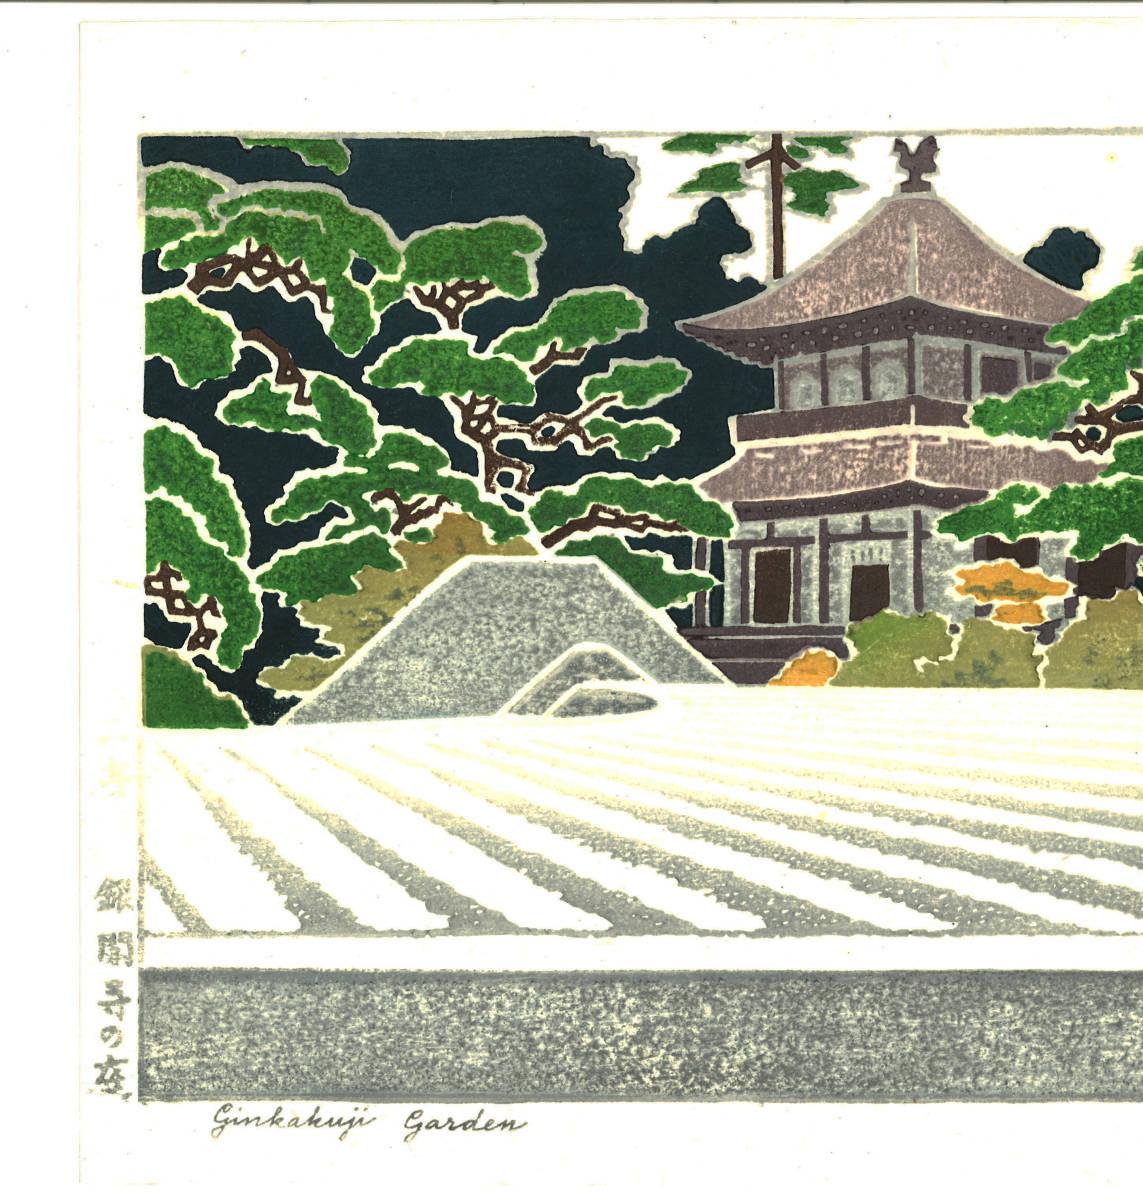 吉田遠志 木版画   016302 銀閣寺の庭  (Ginkakuji Garden)   初摺1963年  最高峰の摺師の技をご堪能下さい!!_画像2